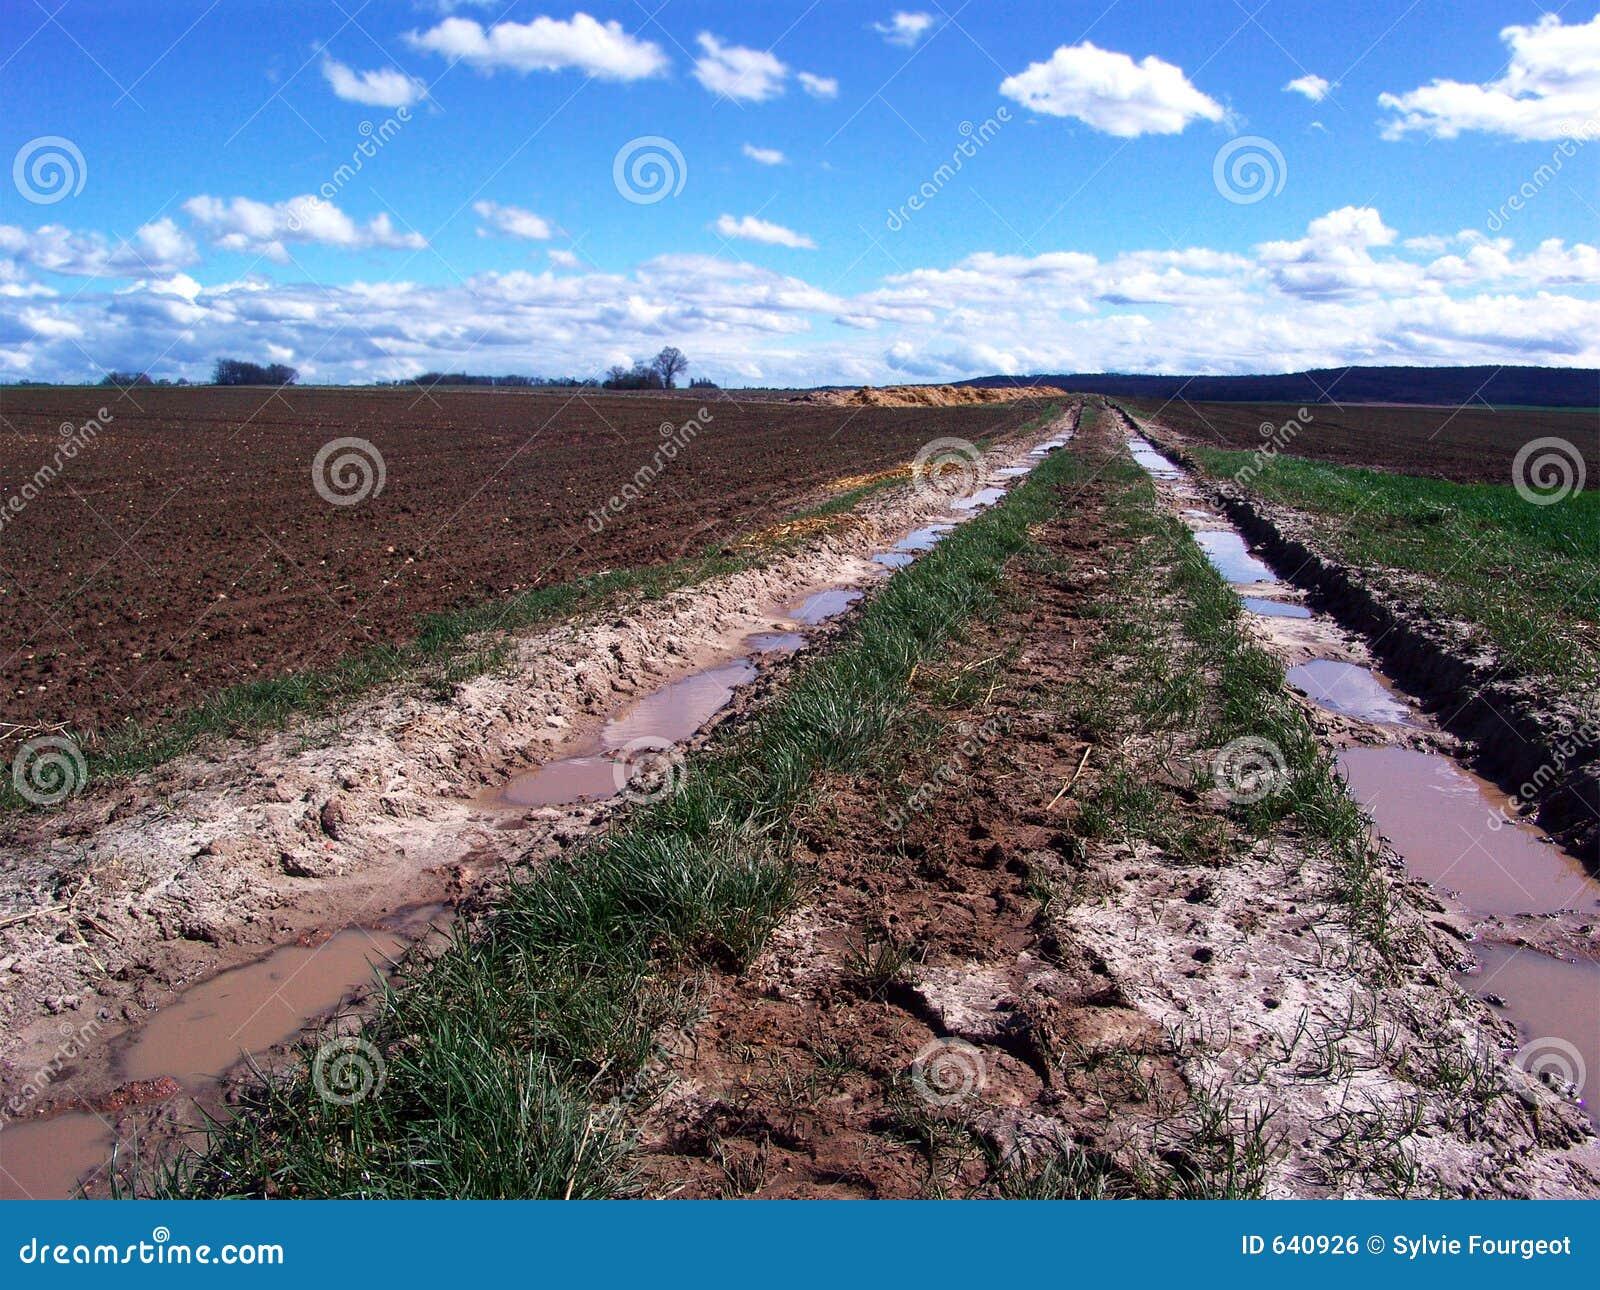 Download след сельской местности тинный Стоковое Фото - изображение насчитывающей сельско, тинно: 640926